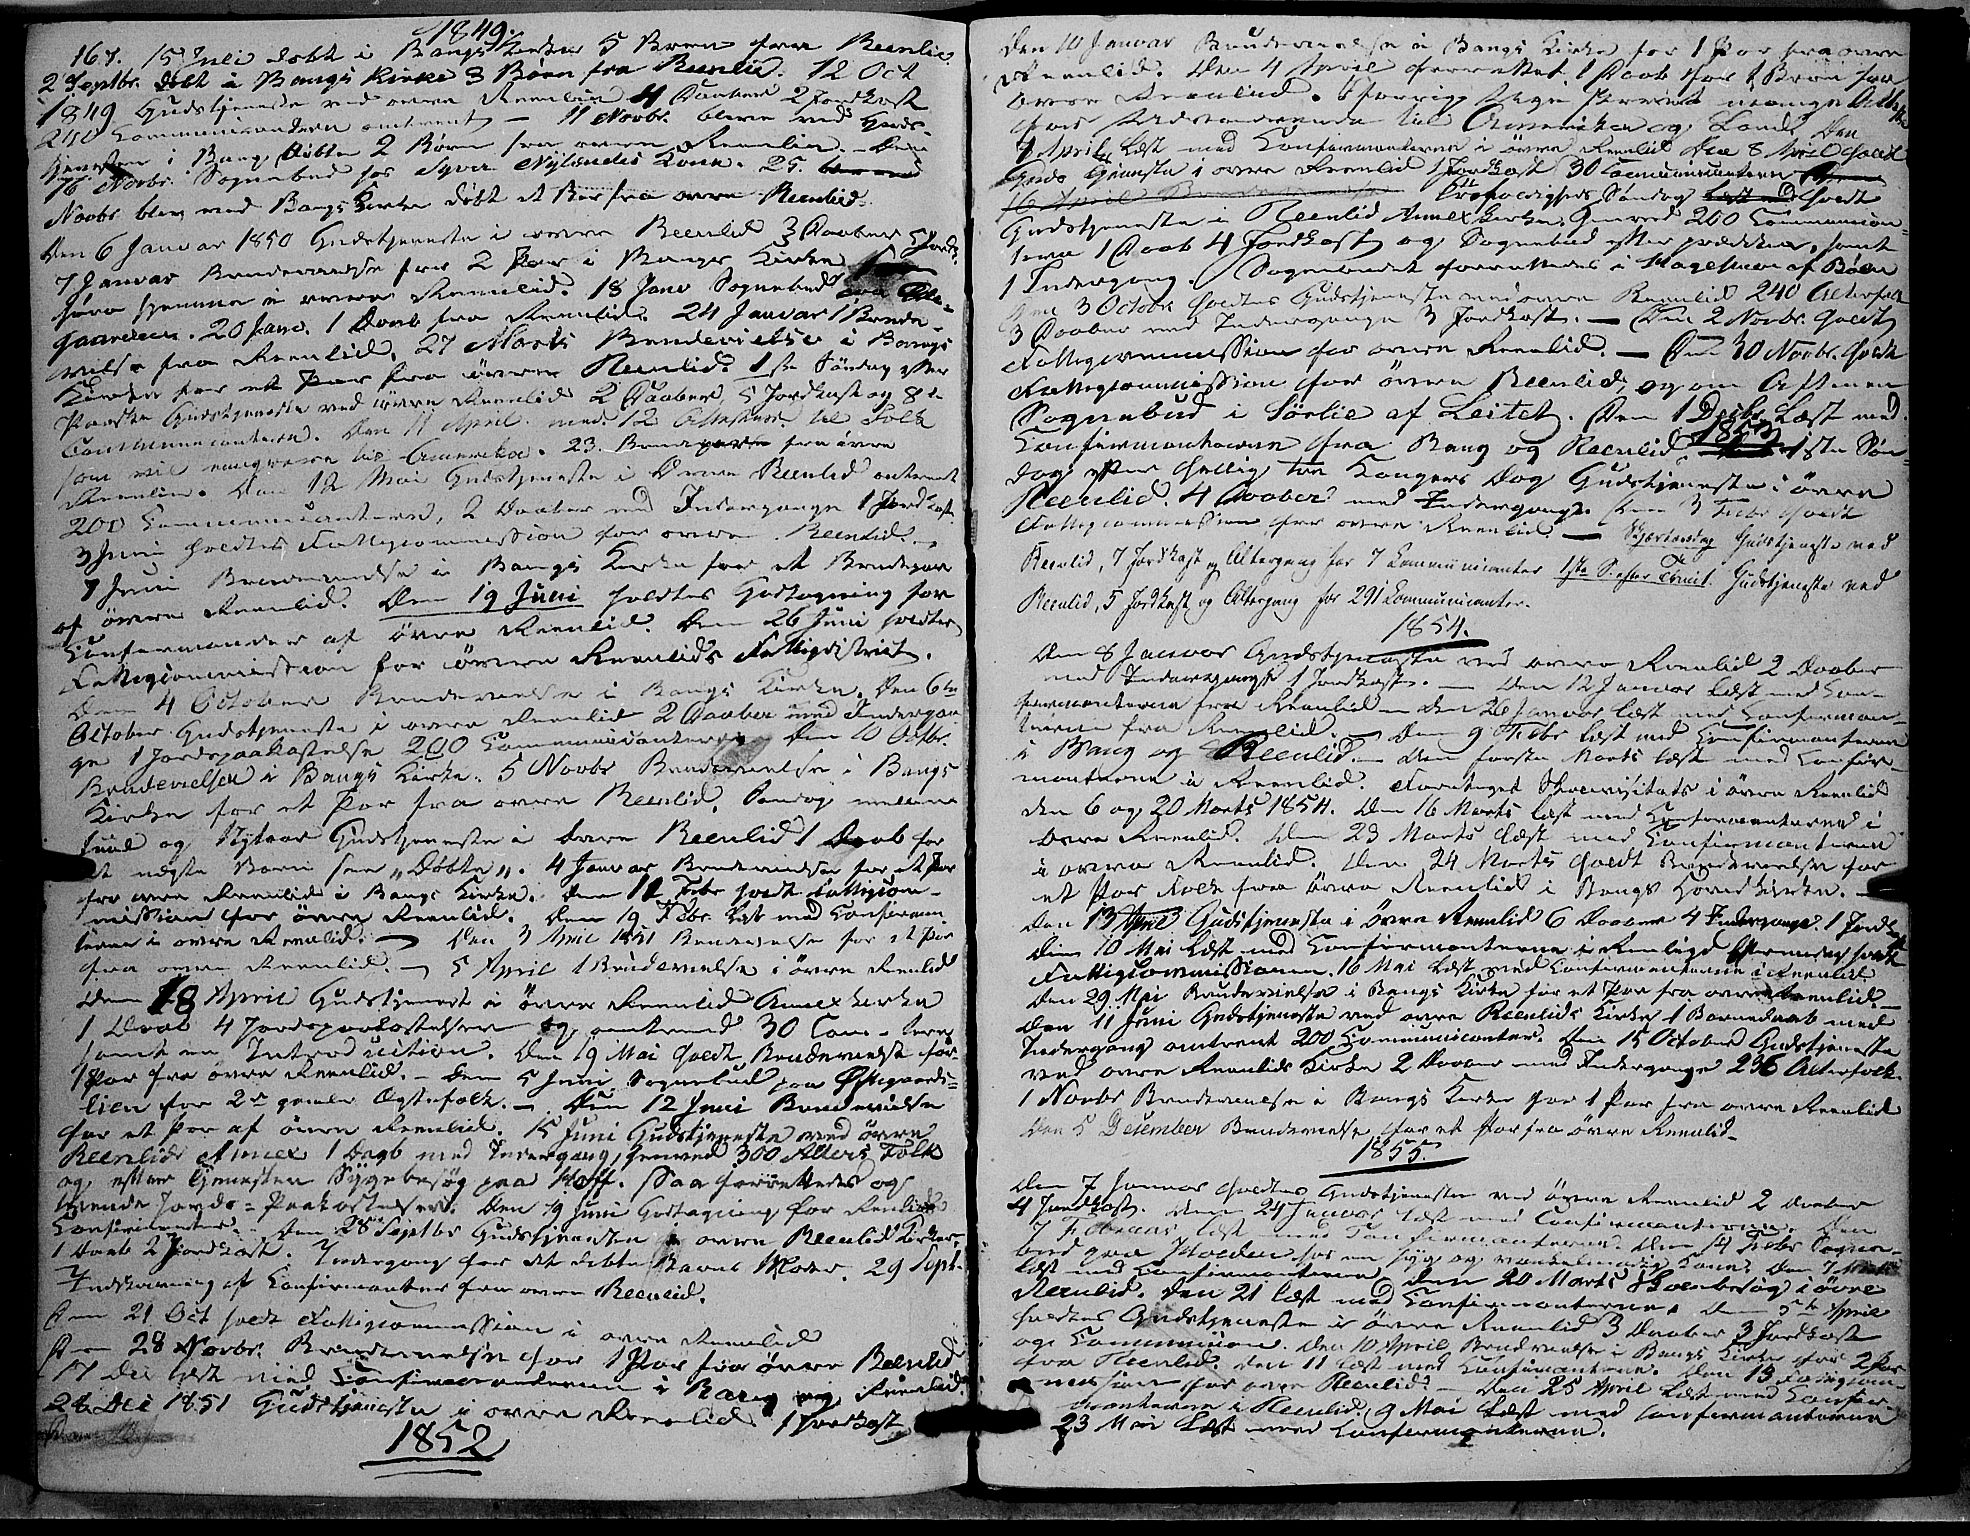 SAH, Sør-Aurdal prestekontor, Ministerialbok nr. 6, 1849-1876, s. 167